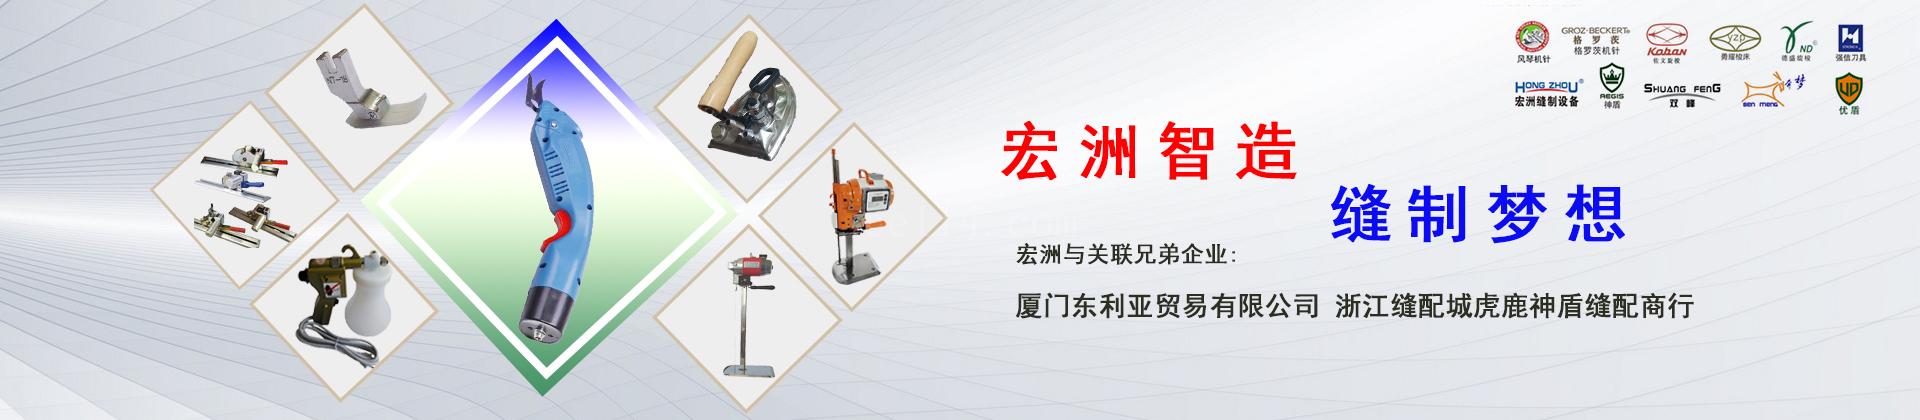 公司简介-泉州市宏洲机械配件有限公司